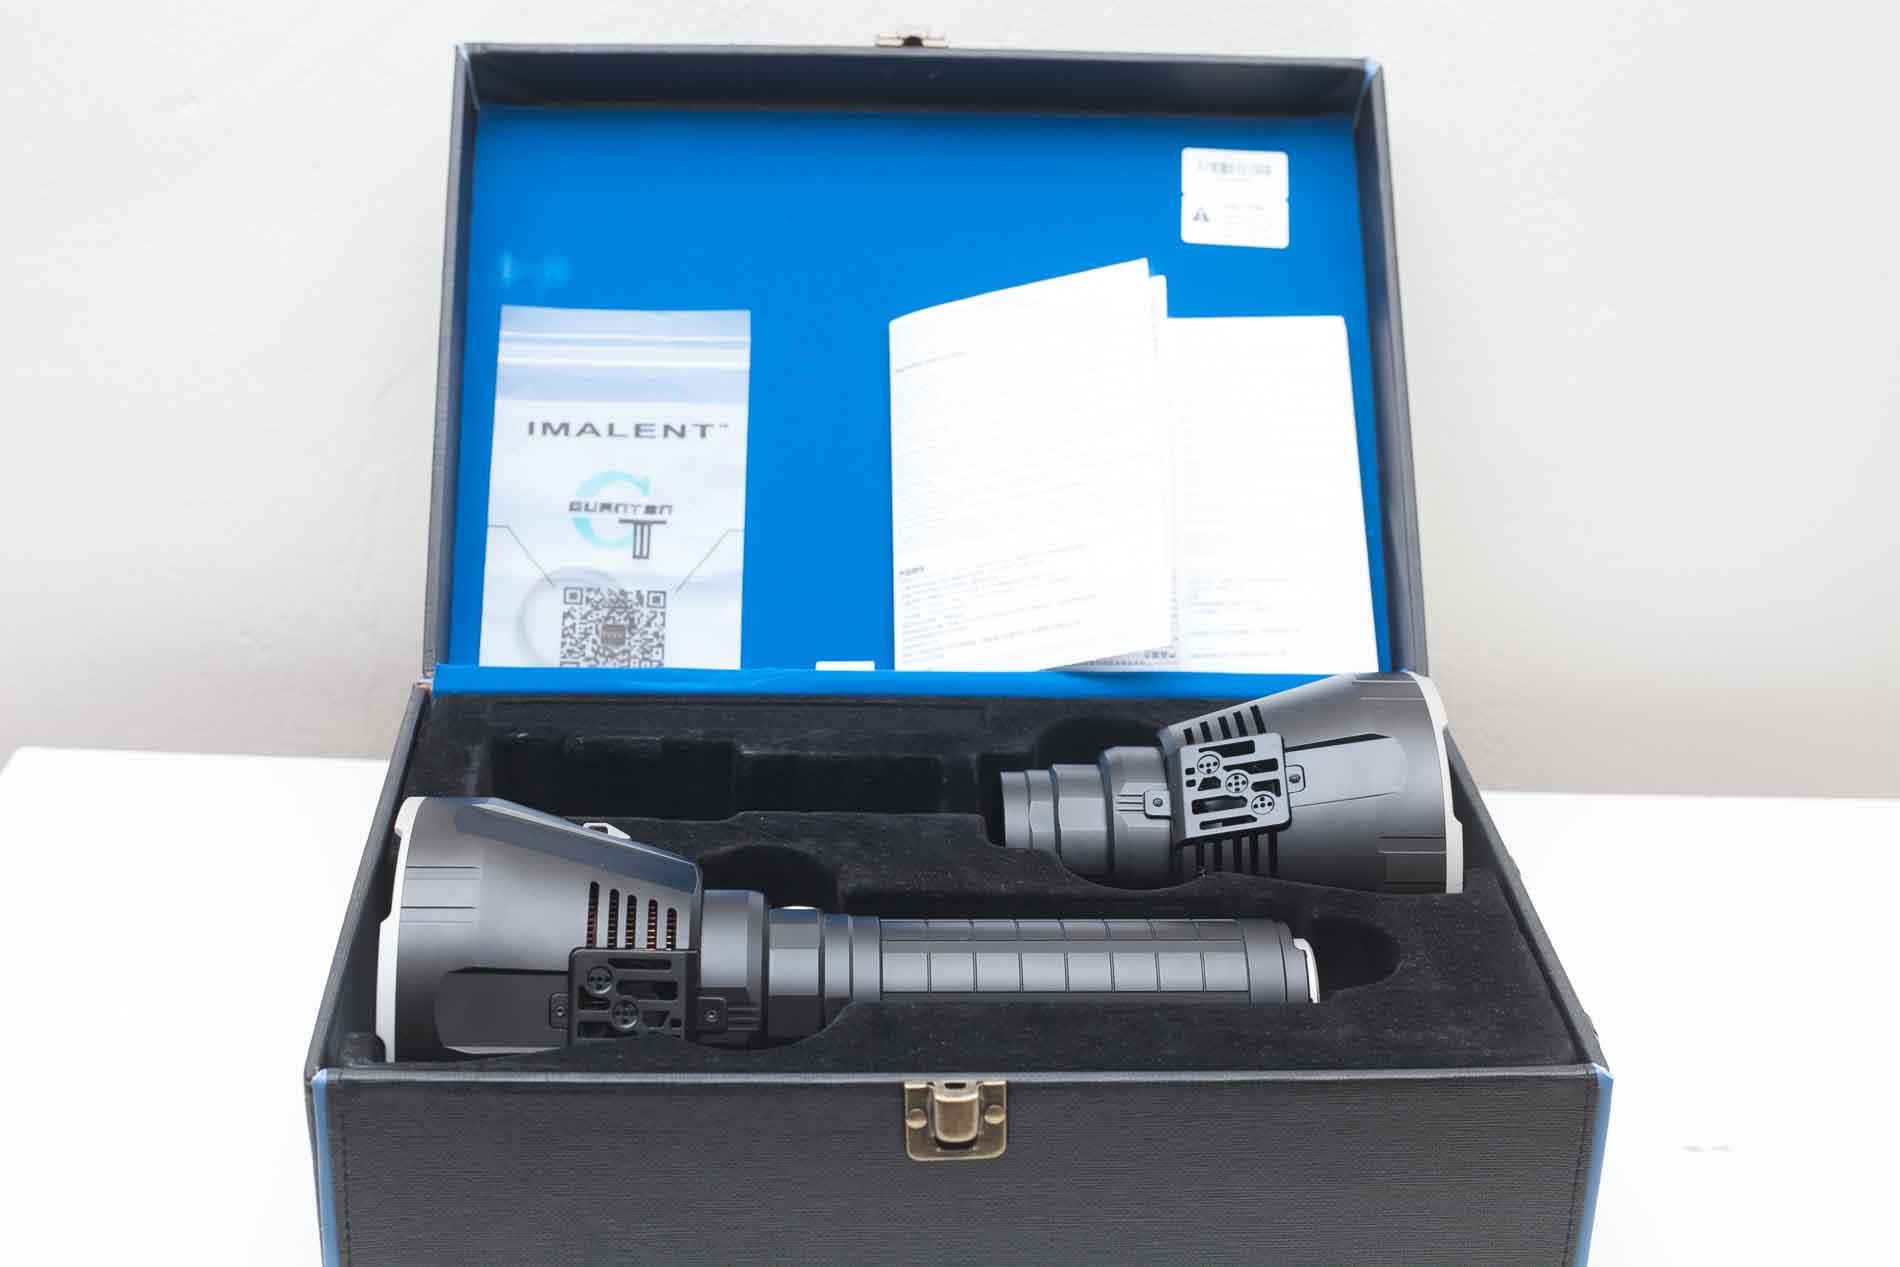 Imalent R90TS box